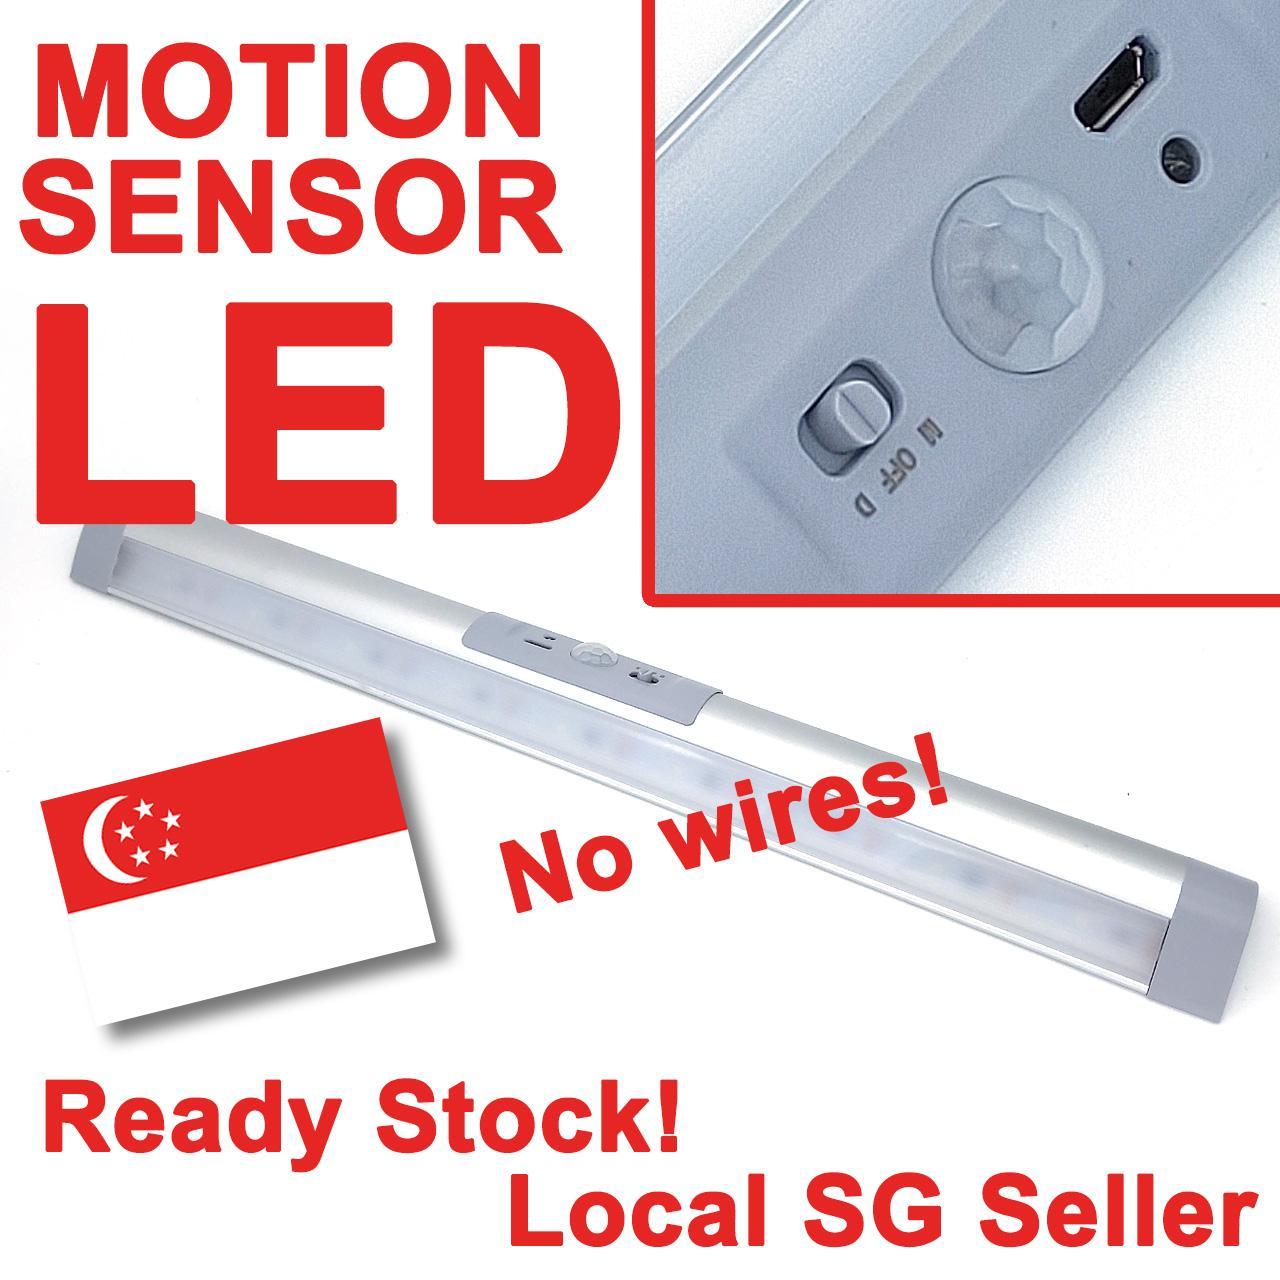 Motion sensor LED Light for Bookcase, Wardrobe, Cabinet etc - SG seller